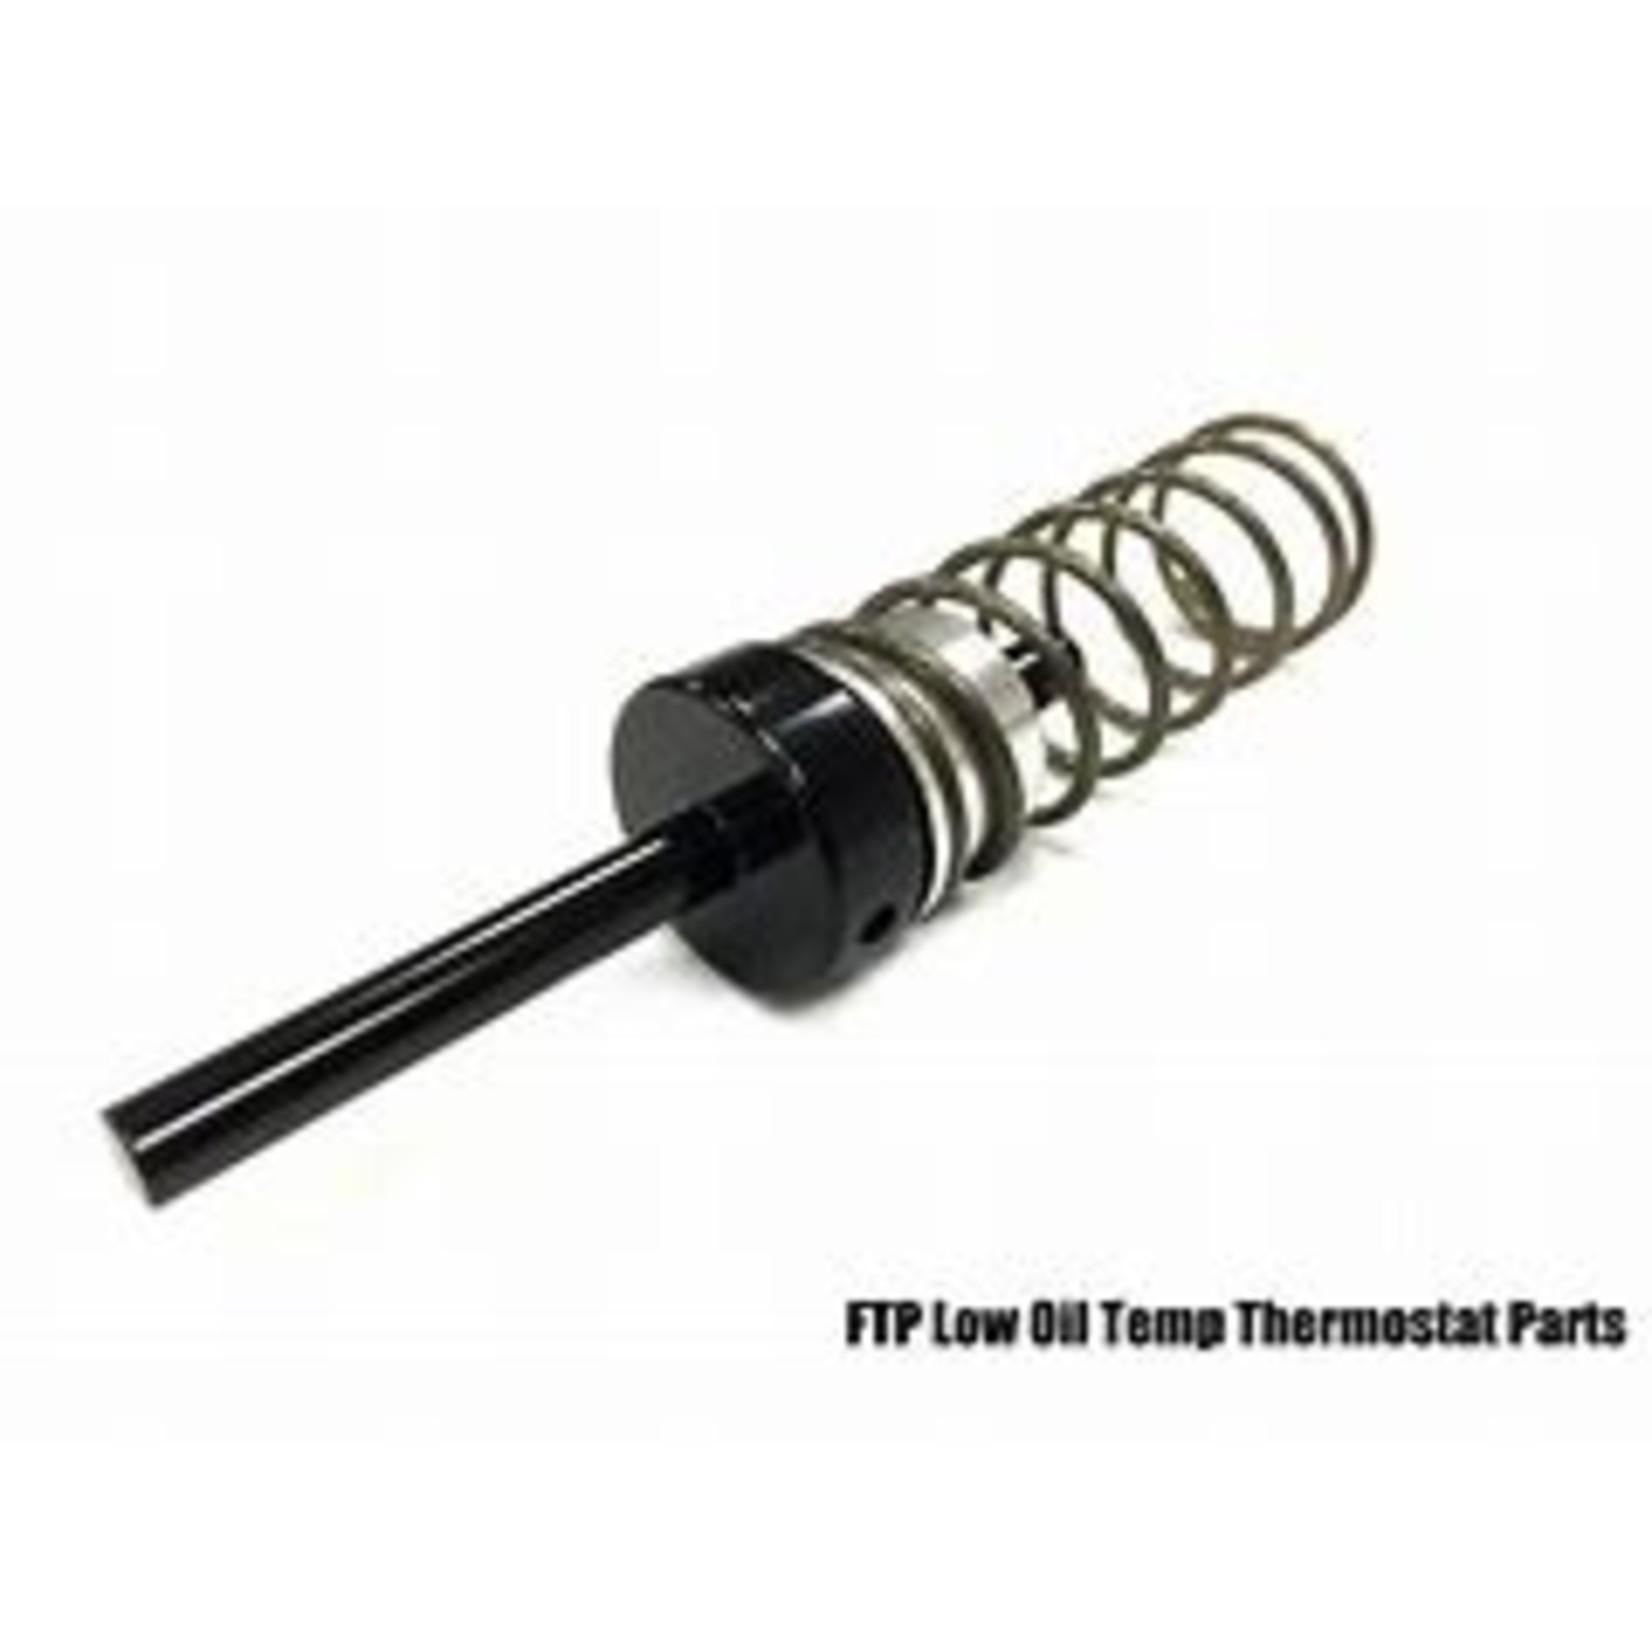 N55 N54 low Oil Temp Thermostat Parts V2 135i 335i 535i (sport oil cooler valve)